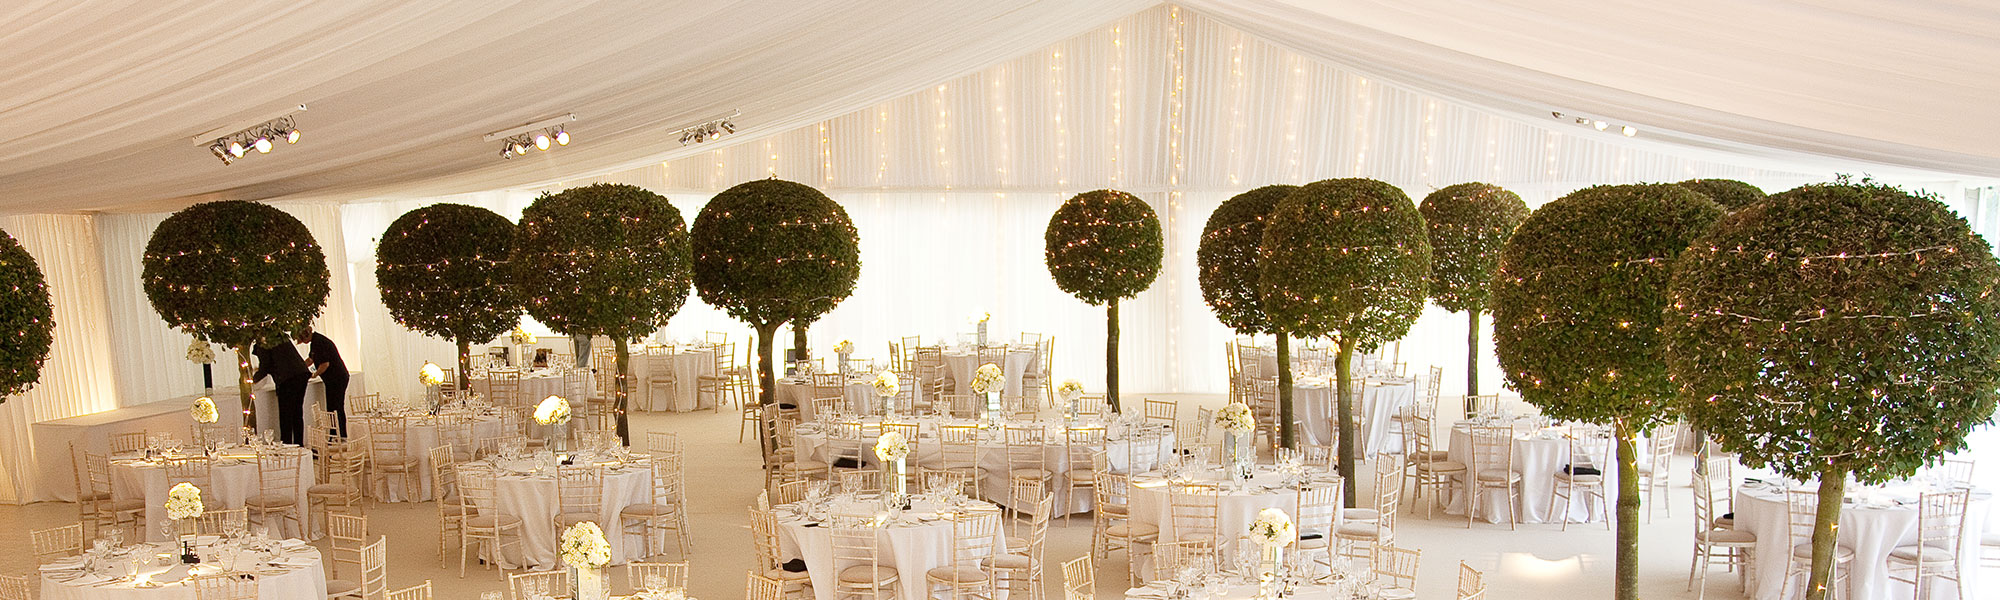 Weddings 5